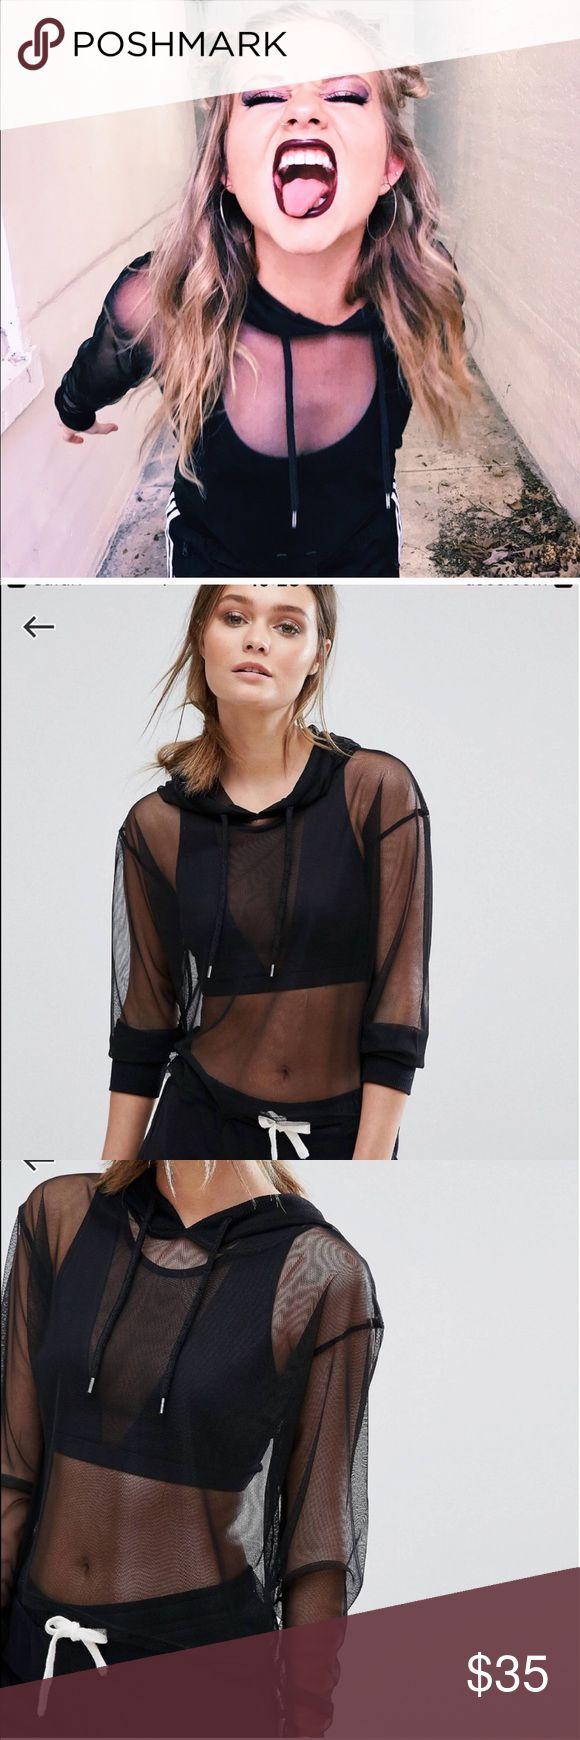 Black mesh hoodie Worn once! No sign of wear. Trendy black sheer hoodie ASOS Tops Sweatshirts & Hoodies